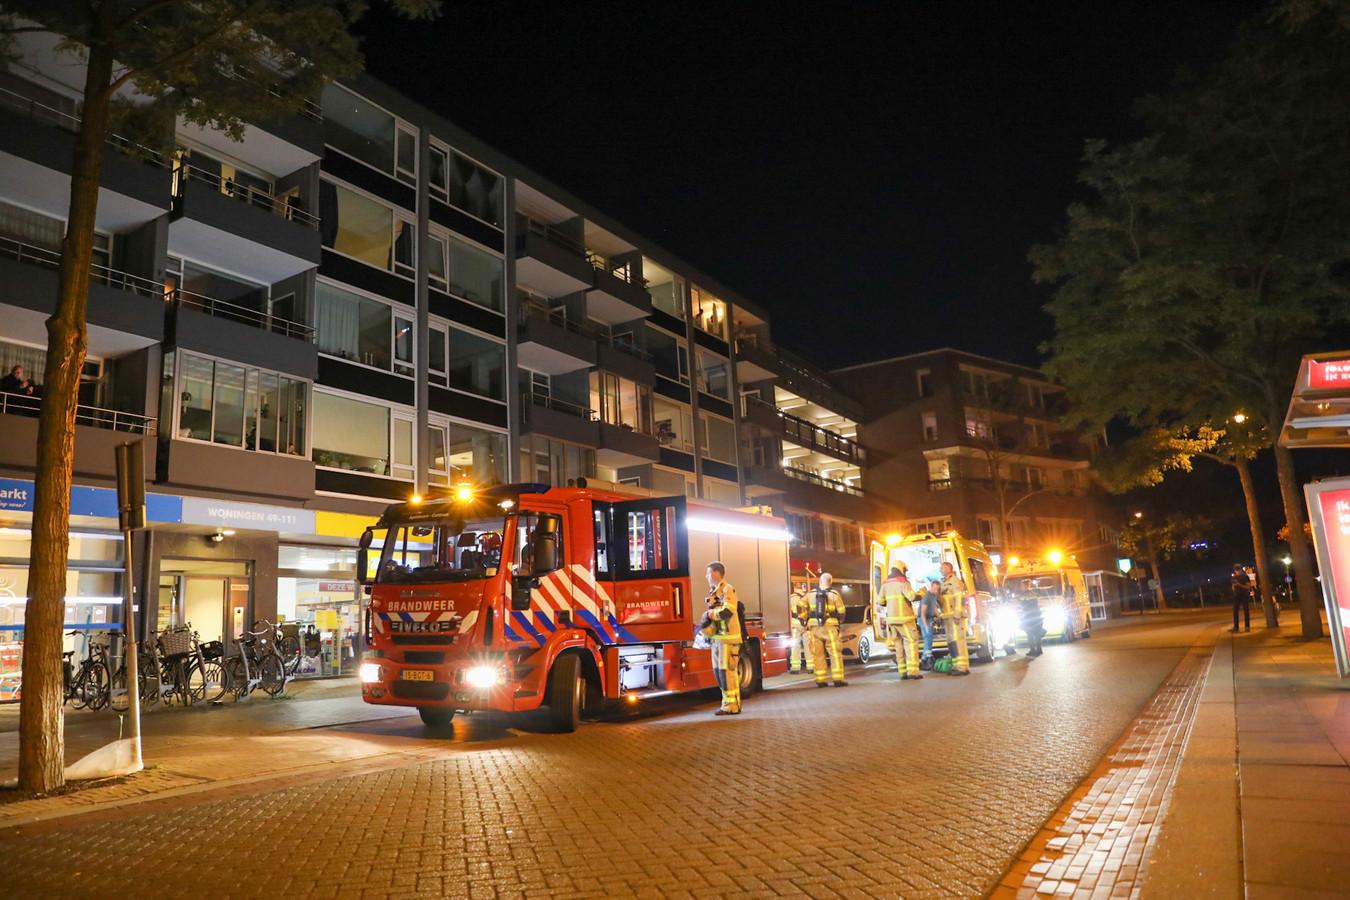 De brandweer, politie en ambulance rukten woensdagavond uit naar een appartementencomplex aan de Hofstraat in Apeldoorn.